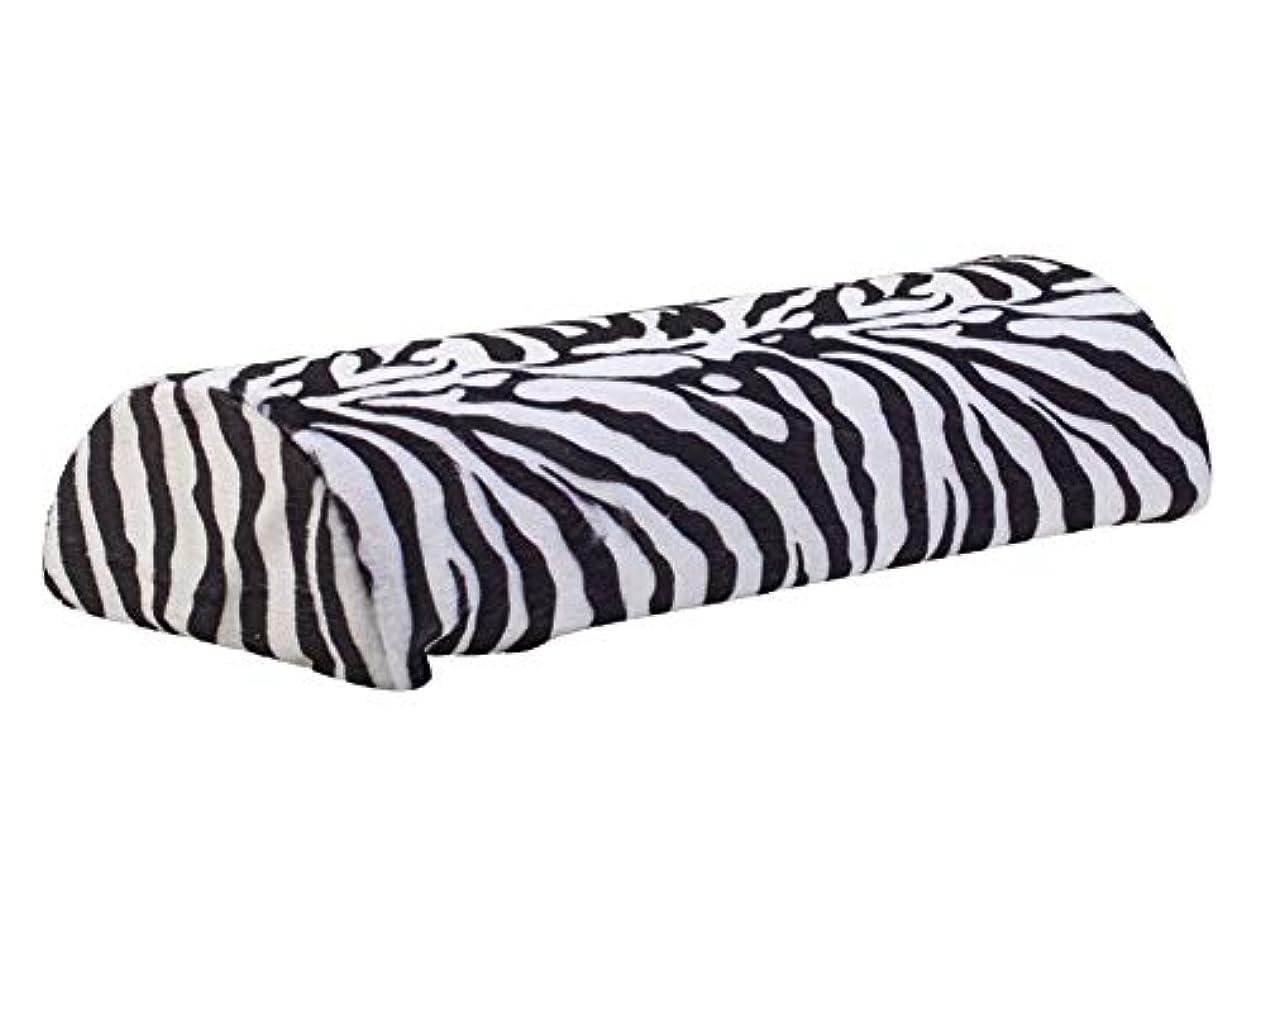 一握りベンチャーマングルマニキュアとネイルアートデザインアプリケーションのための素晴らしい品質のプロフェッショナルサロンツールアクセサリーソフト枕/黒と白色のシマウマパターンでハンドレスト